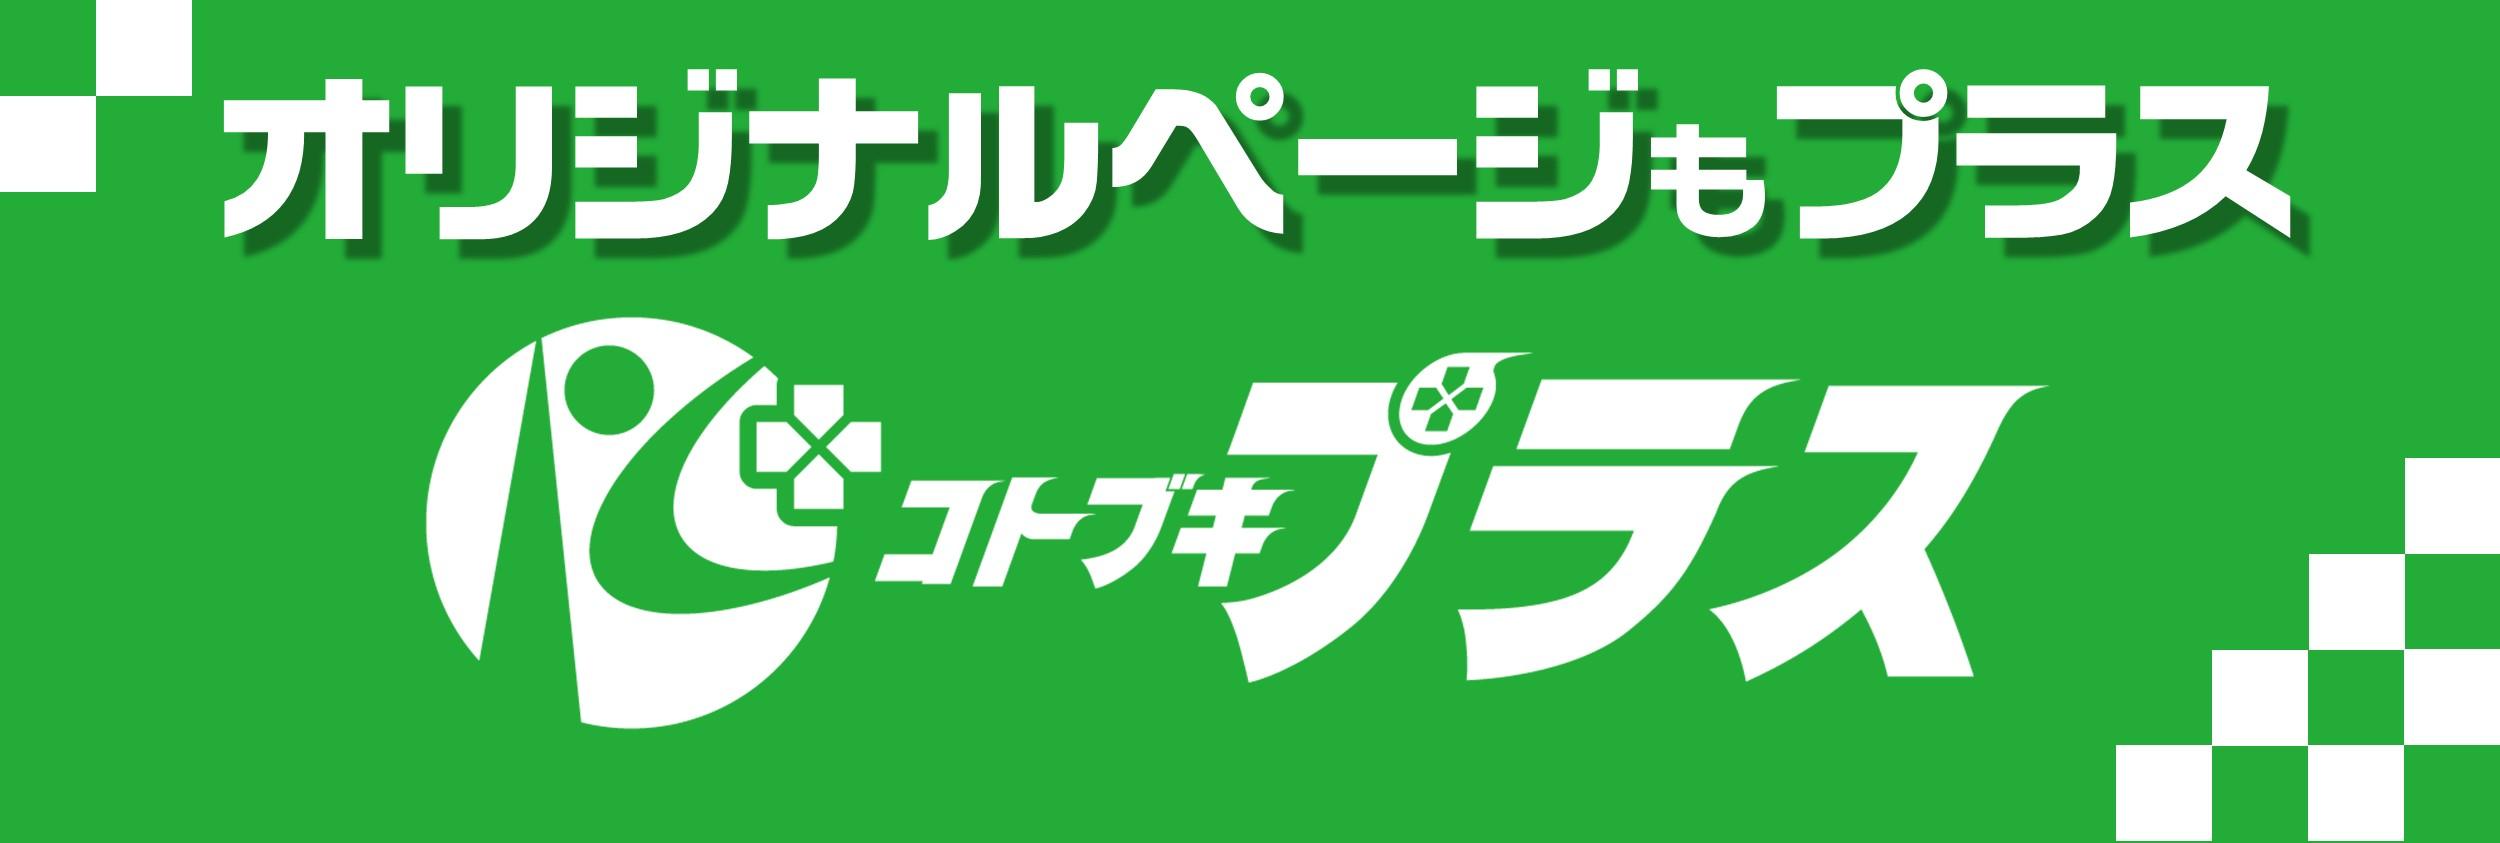 P-MANモバイル